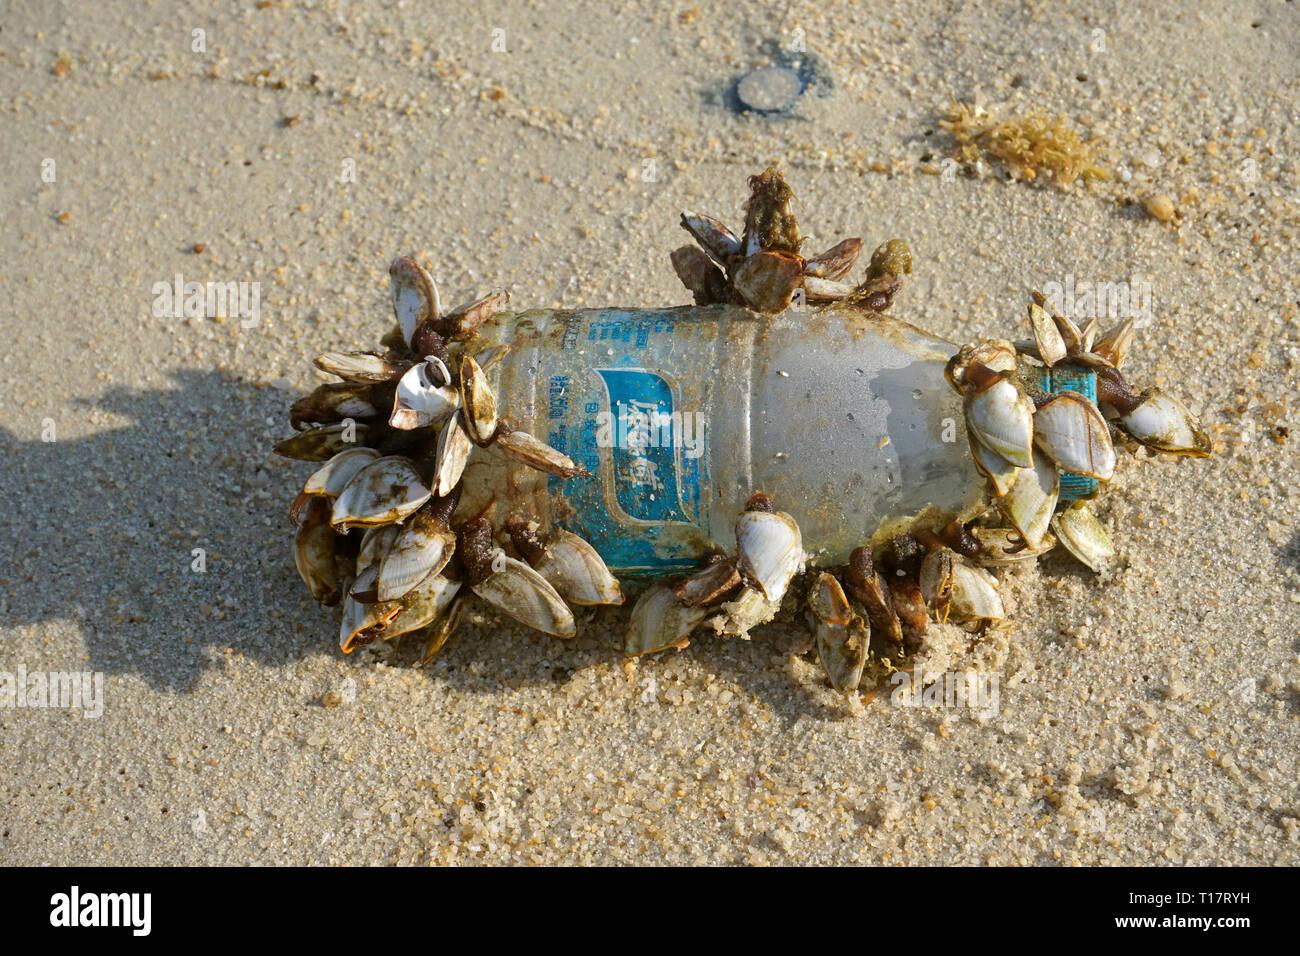 Goose cirripedi (Pedunculata) su una bottiglia di plastica, lavato fino a Lamai Beach, Koh Samui, Golfo di Thailandia, Tailandia Foto Stock